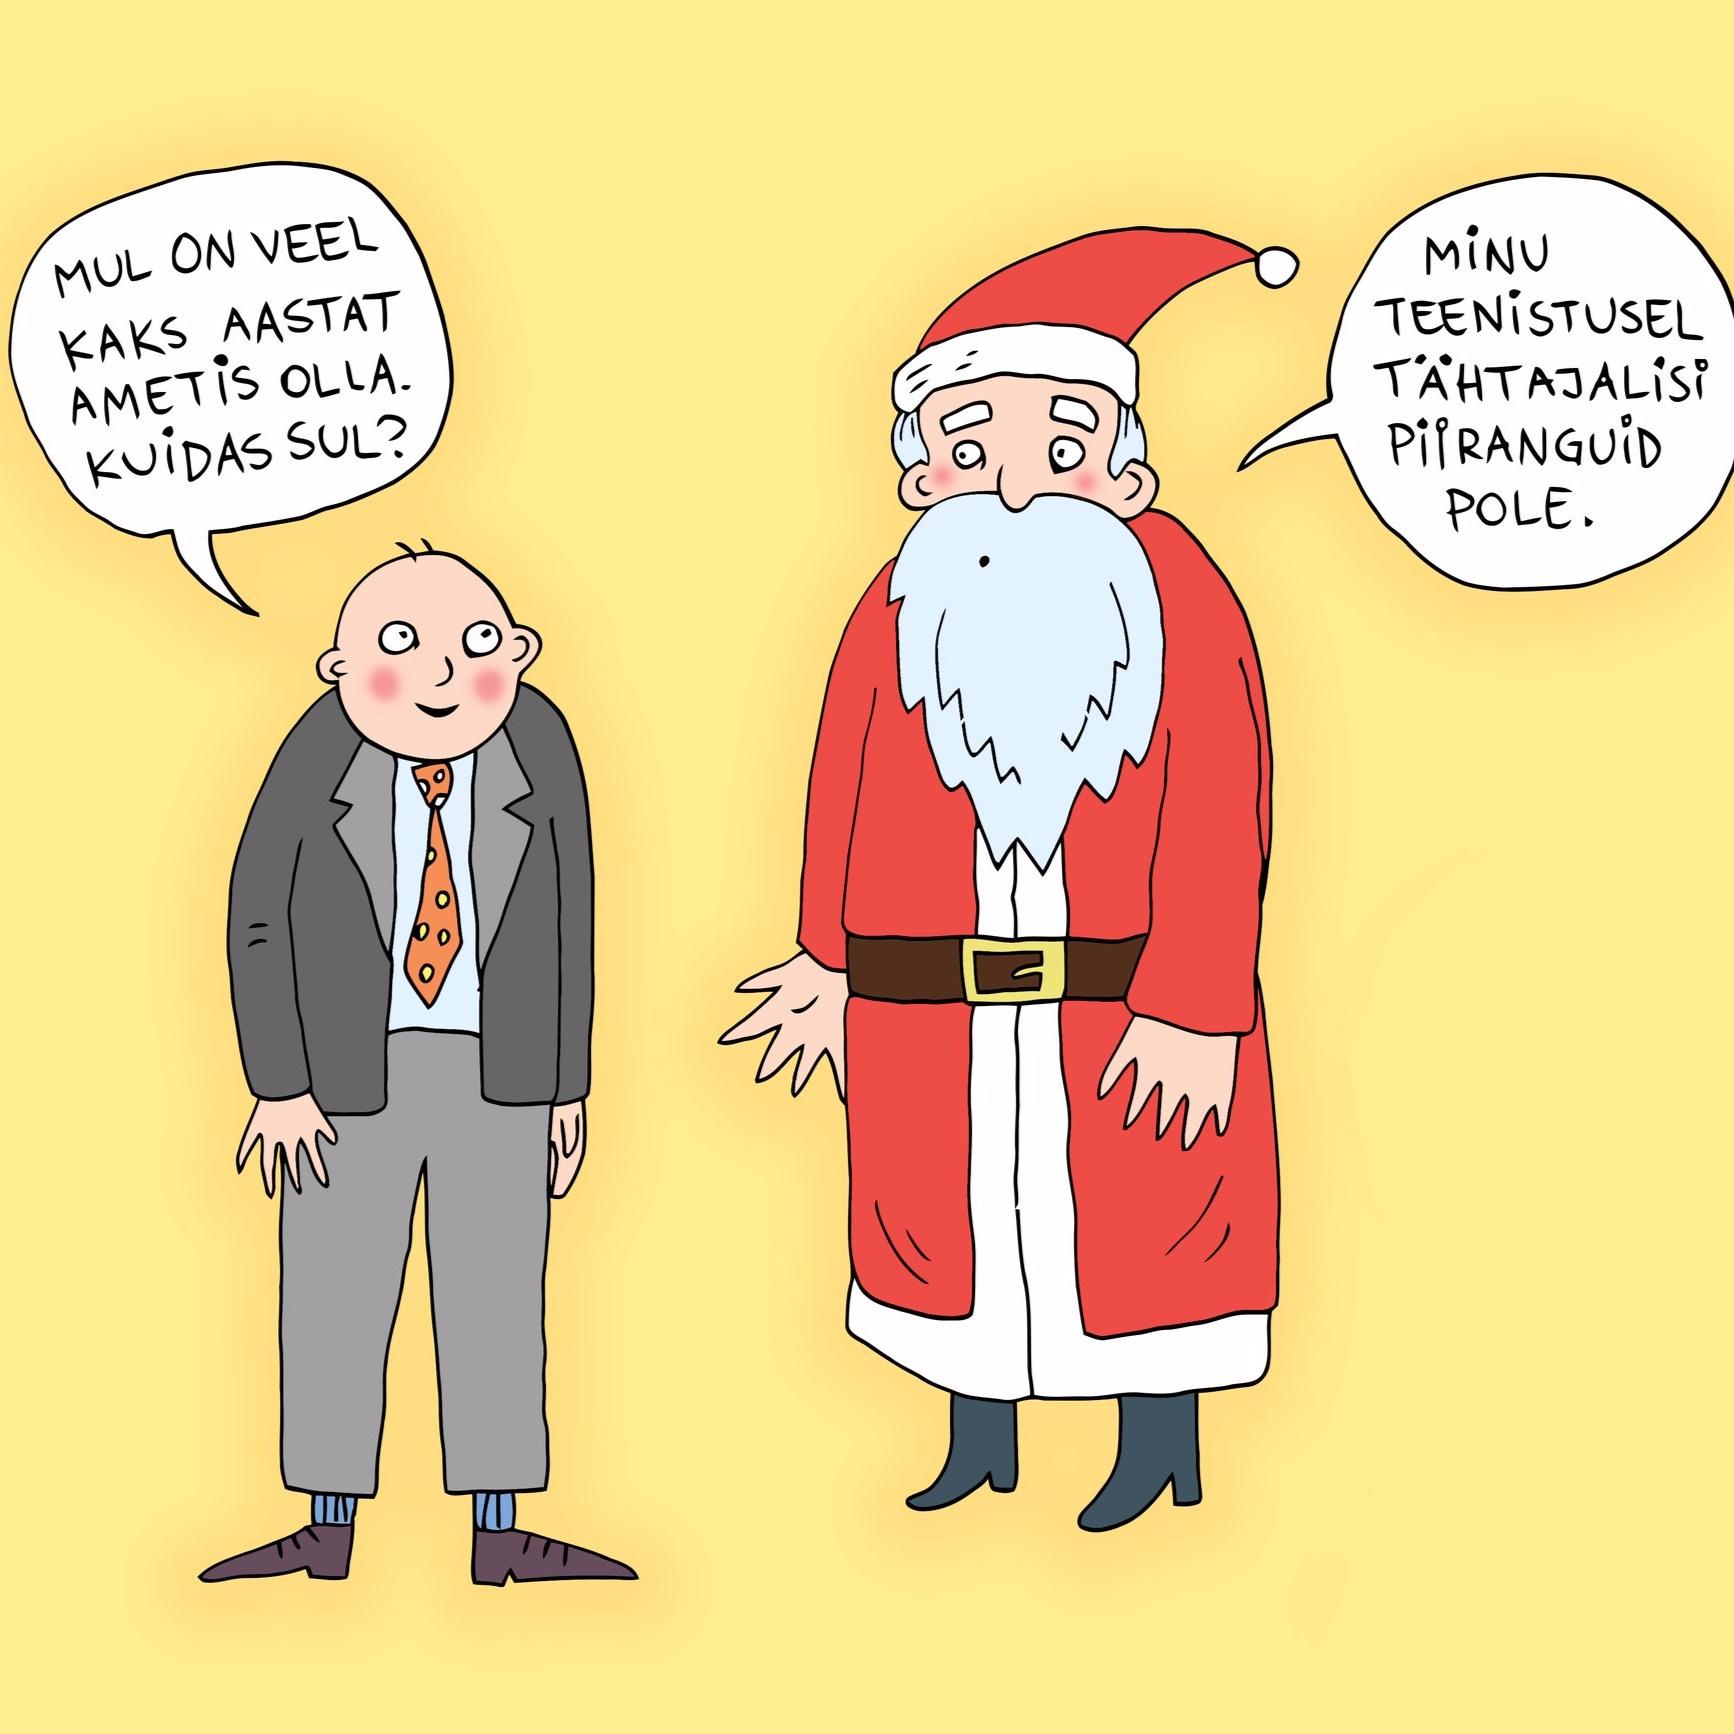 24.12   (illustratsioon: Ave Taavet)   Jõulupühade algusega lõpetab ka meie ideekalender. Aitäh lugemast, kaasa mõtlemast ja vaatamast Ave Taaveti, AW Stuffi ning Urmas Nemvaltsi vahvaid illustratsioone!